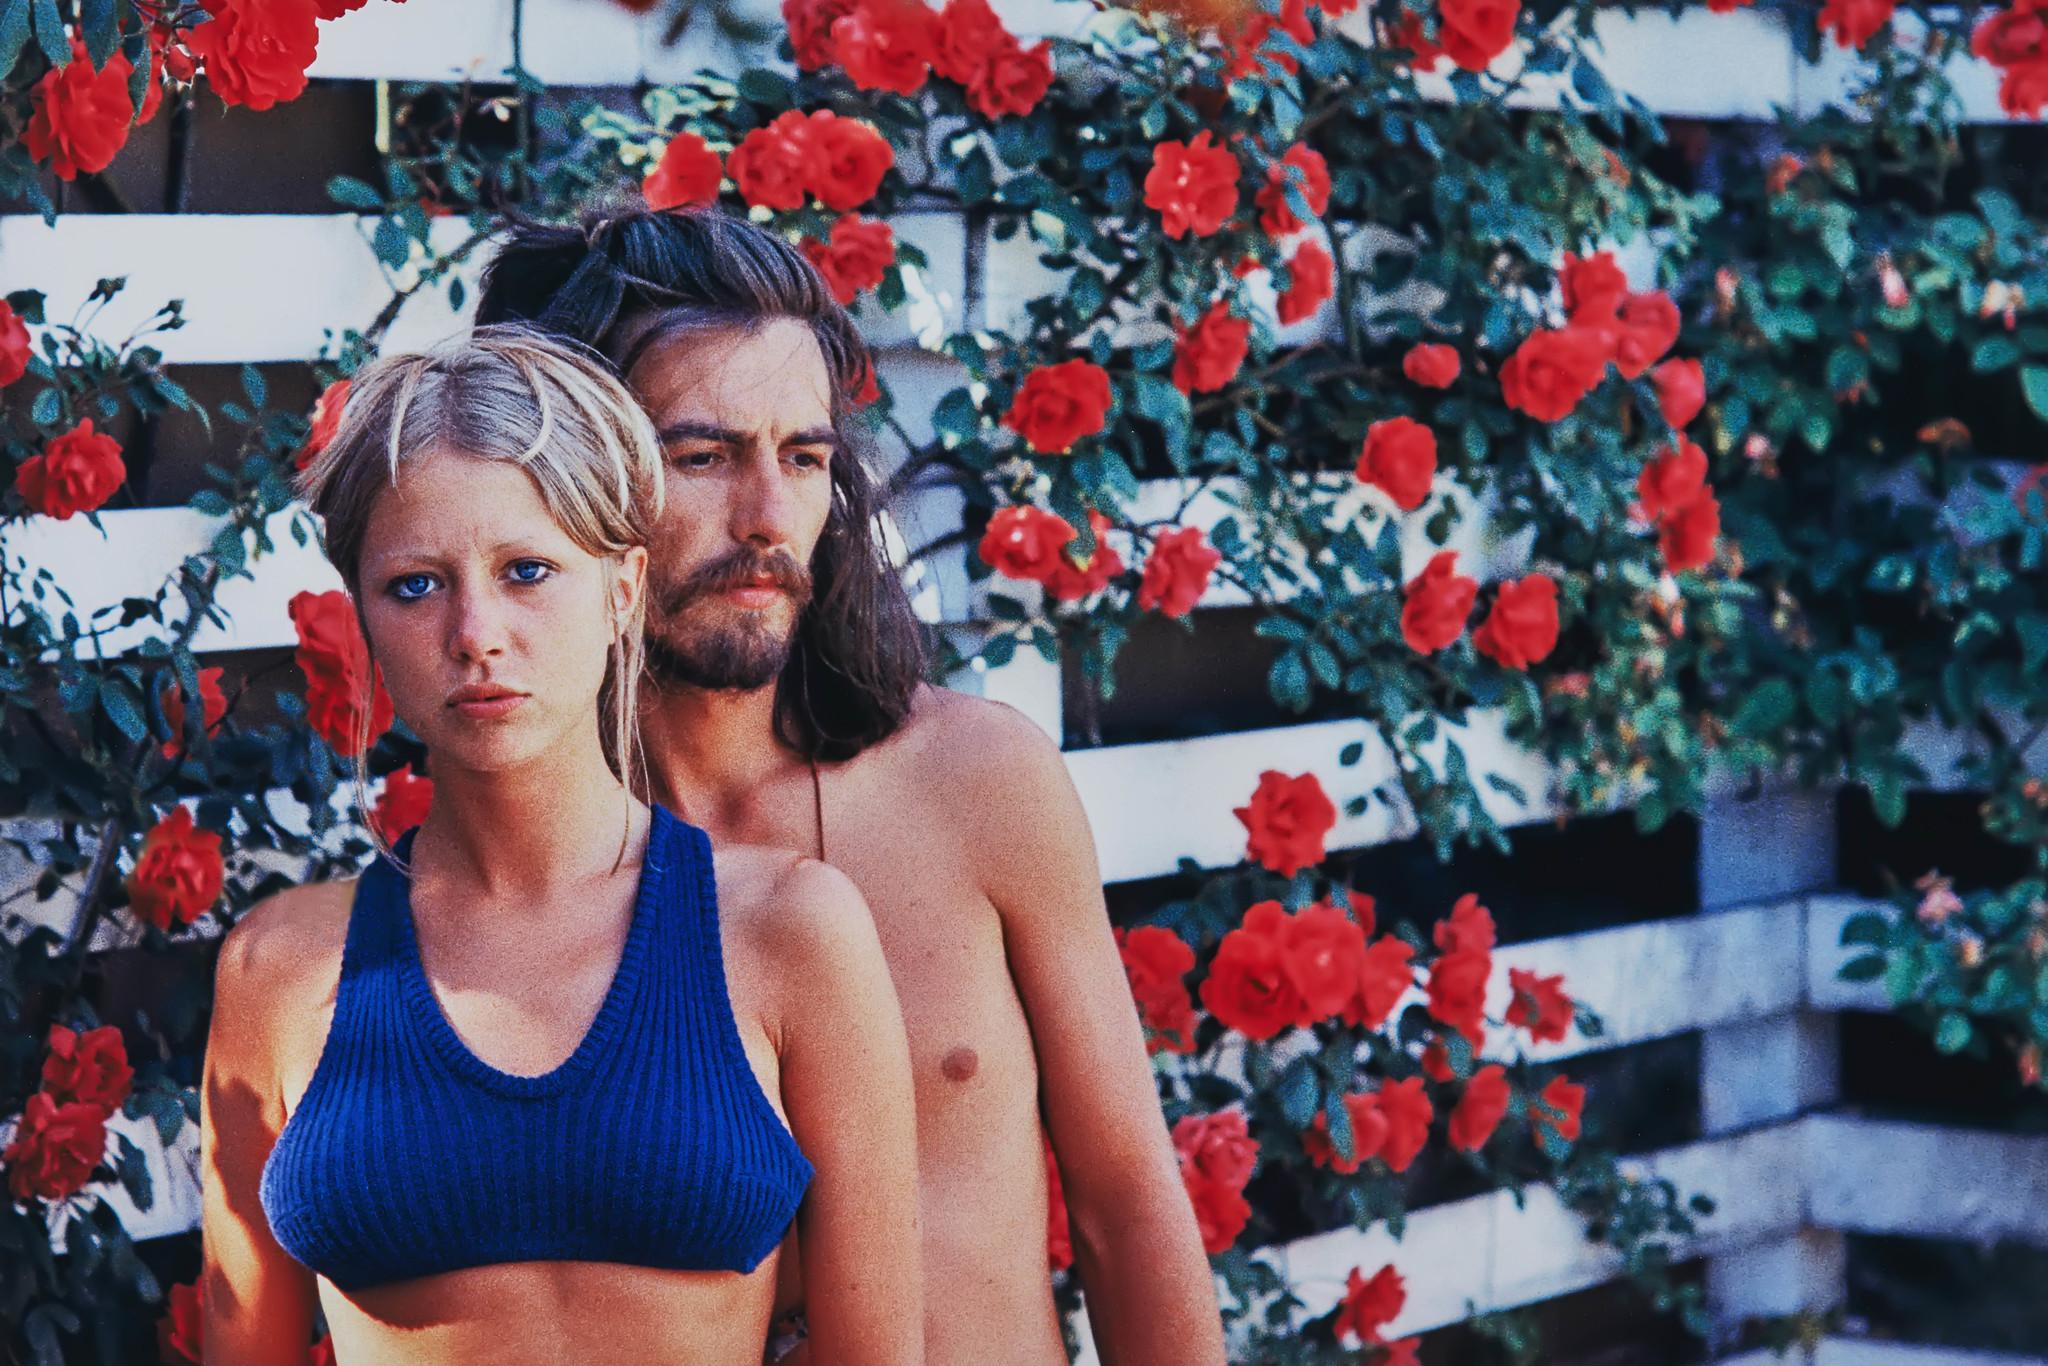 1968년, 장미가 핀 정원에서 삼각대를 이용하여 찍은 두 사람의 모습. 결혼 초기 두 사람은 낭만적이고 행복한 결혼생활을 이어나갔다. 조지 해리슨은 패티 보이드를 향한 사랑을 1969년도 비틀즈의 앨범 『Abbey Road』에 'Something'을 통해 표현했다. [사진 패티보이드]